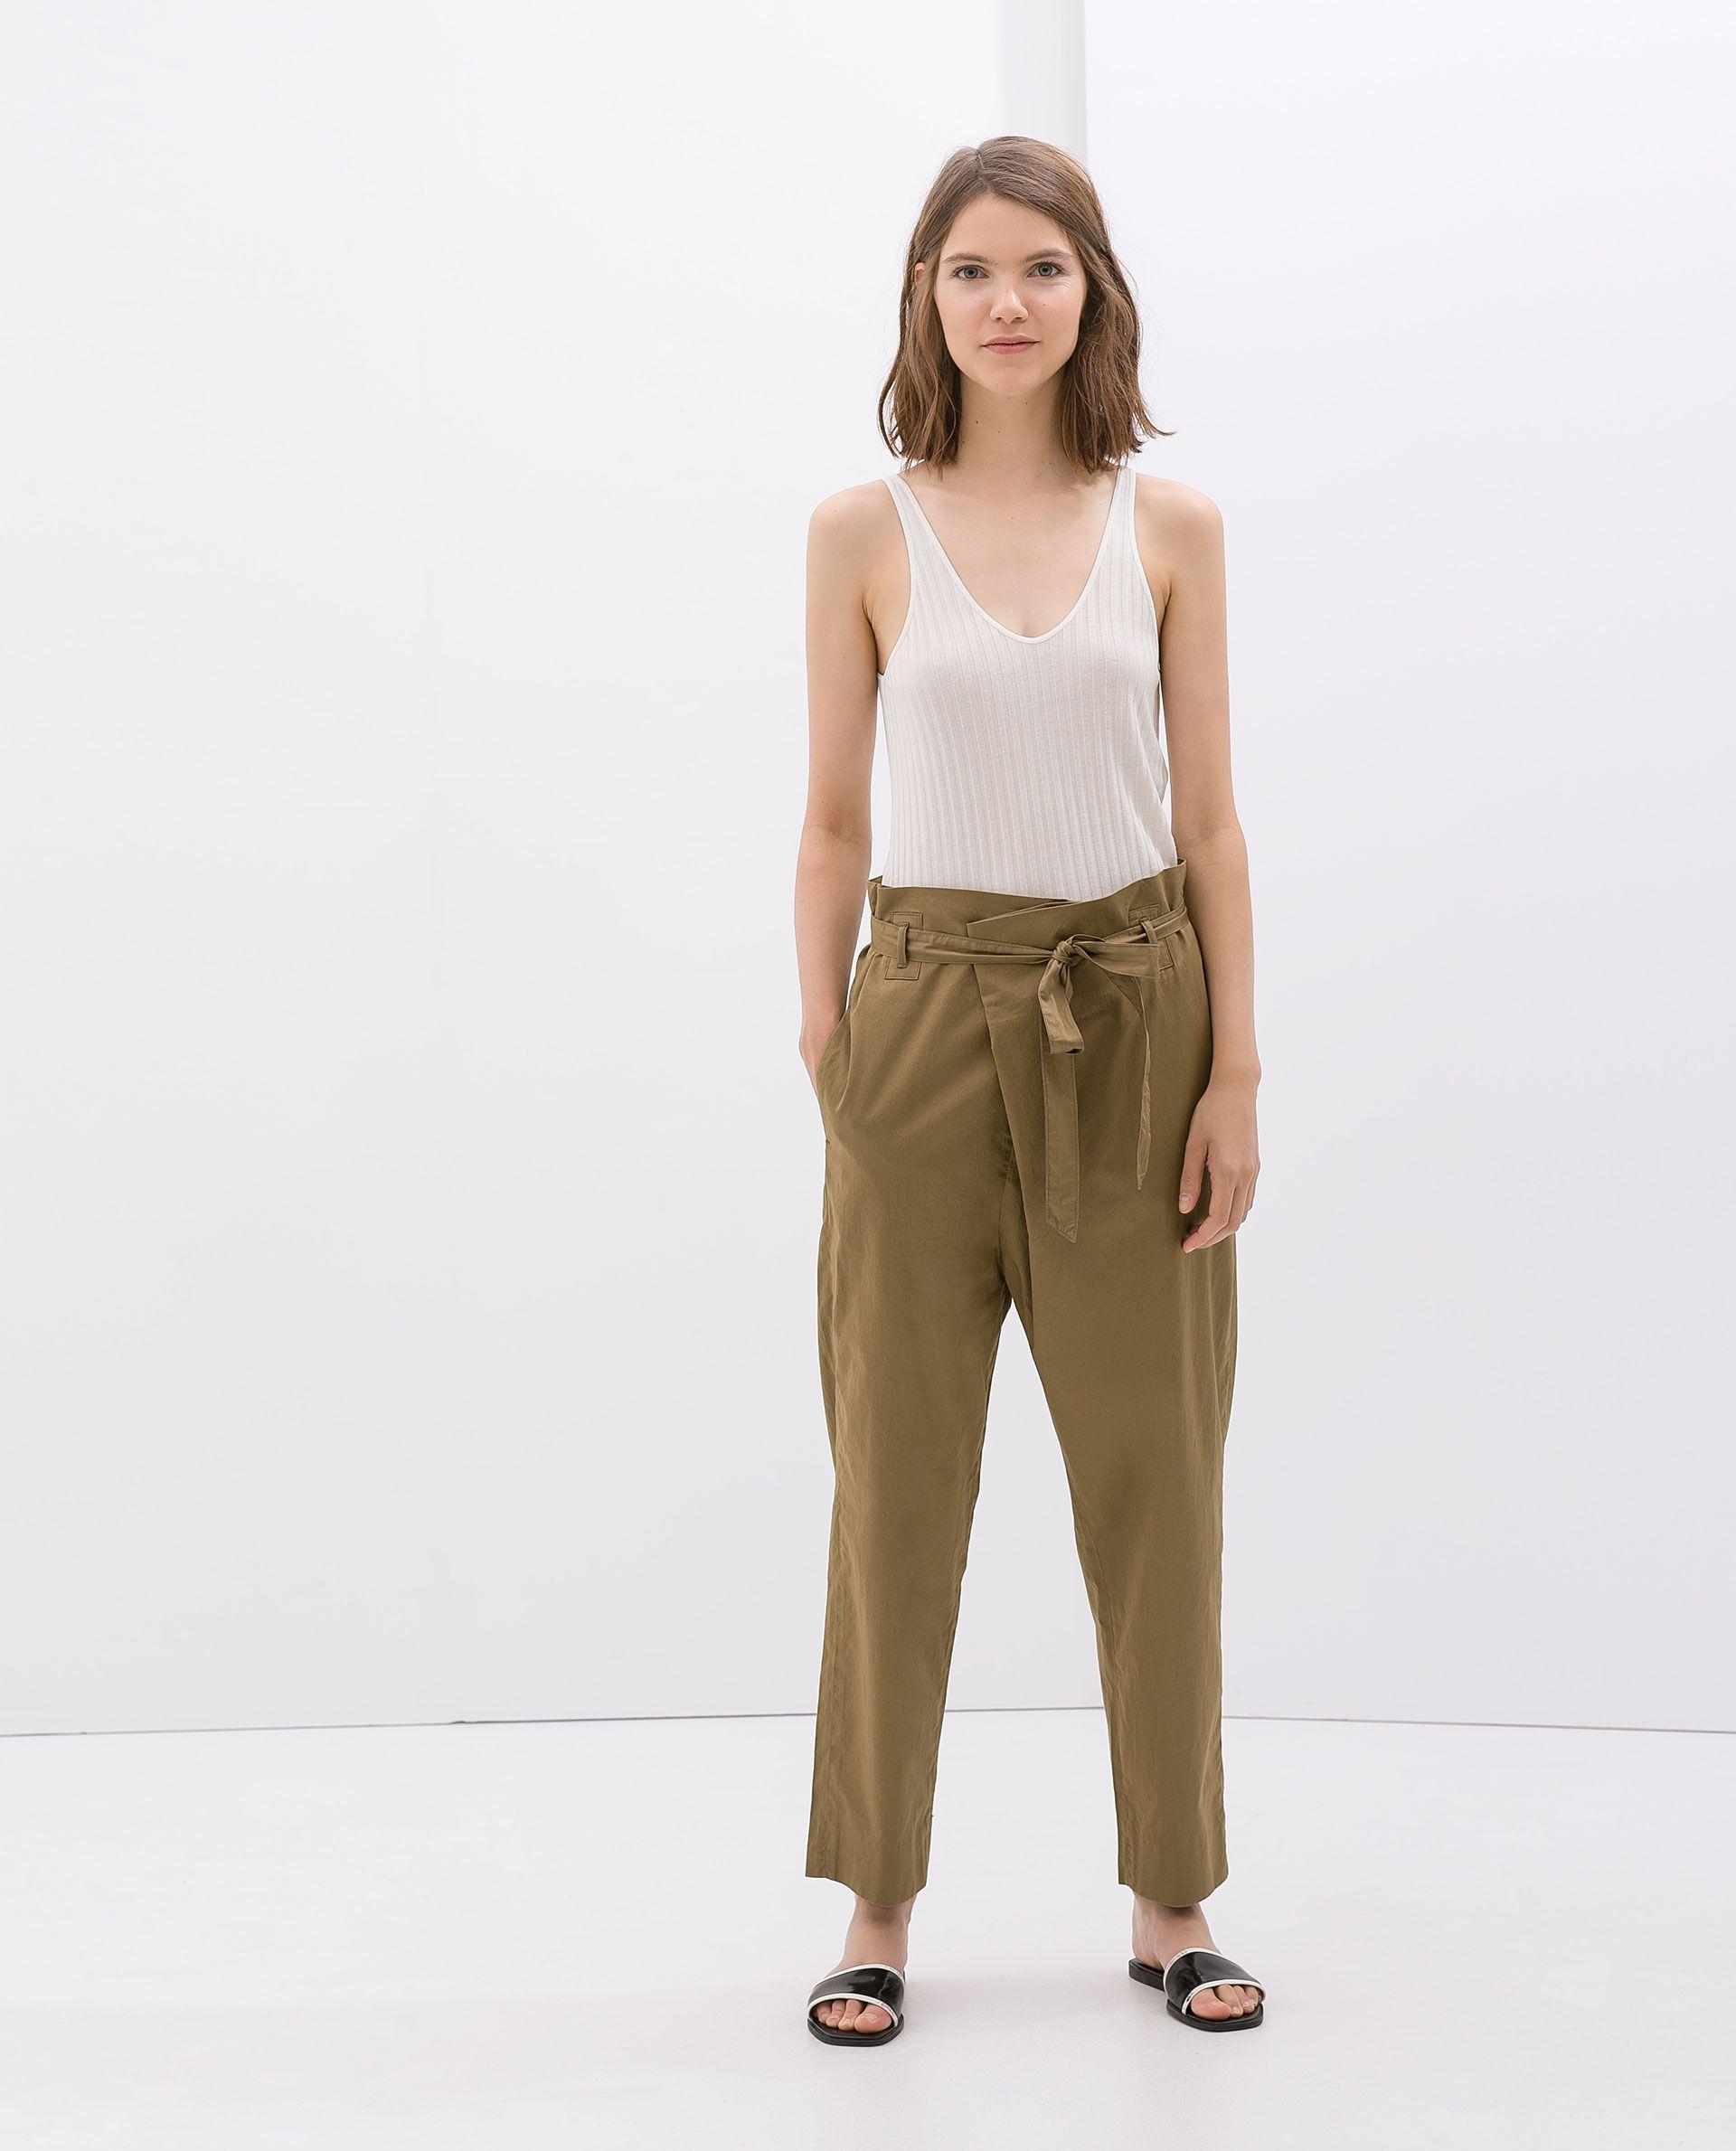 Zara Saténfashion Satin Pantalón Woman Army Trousers E2WH9DI